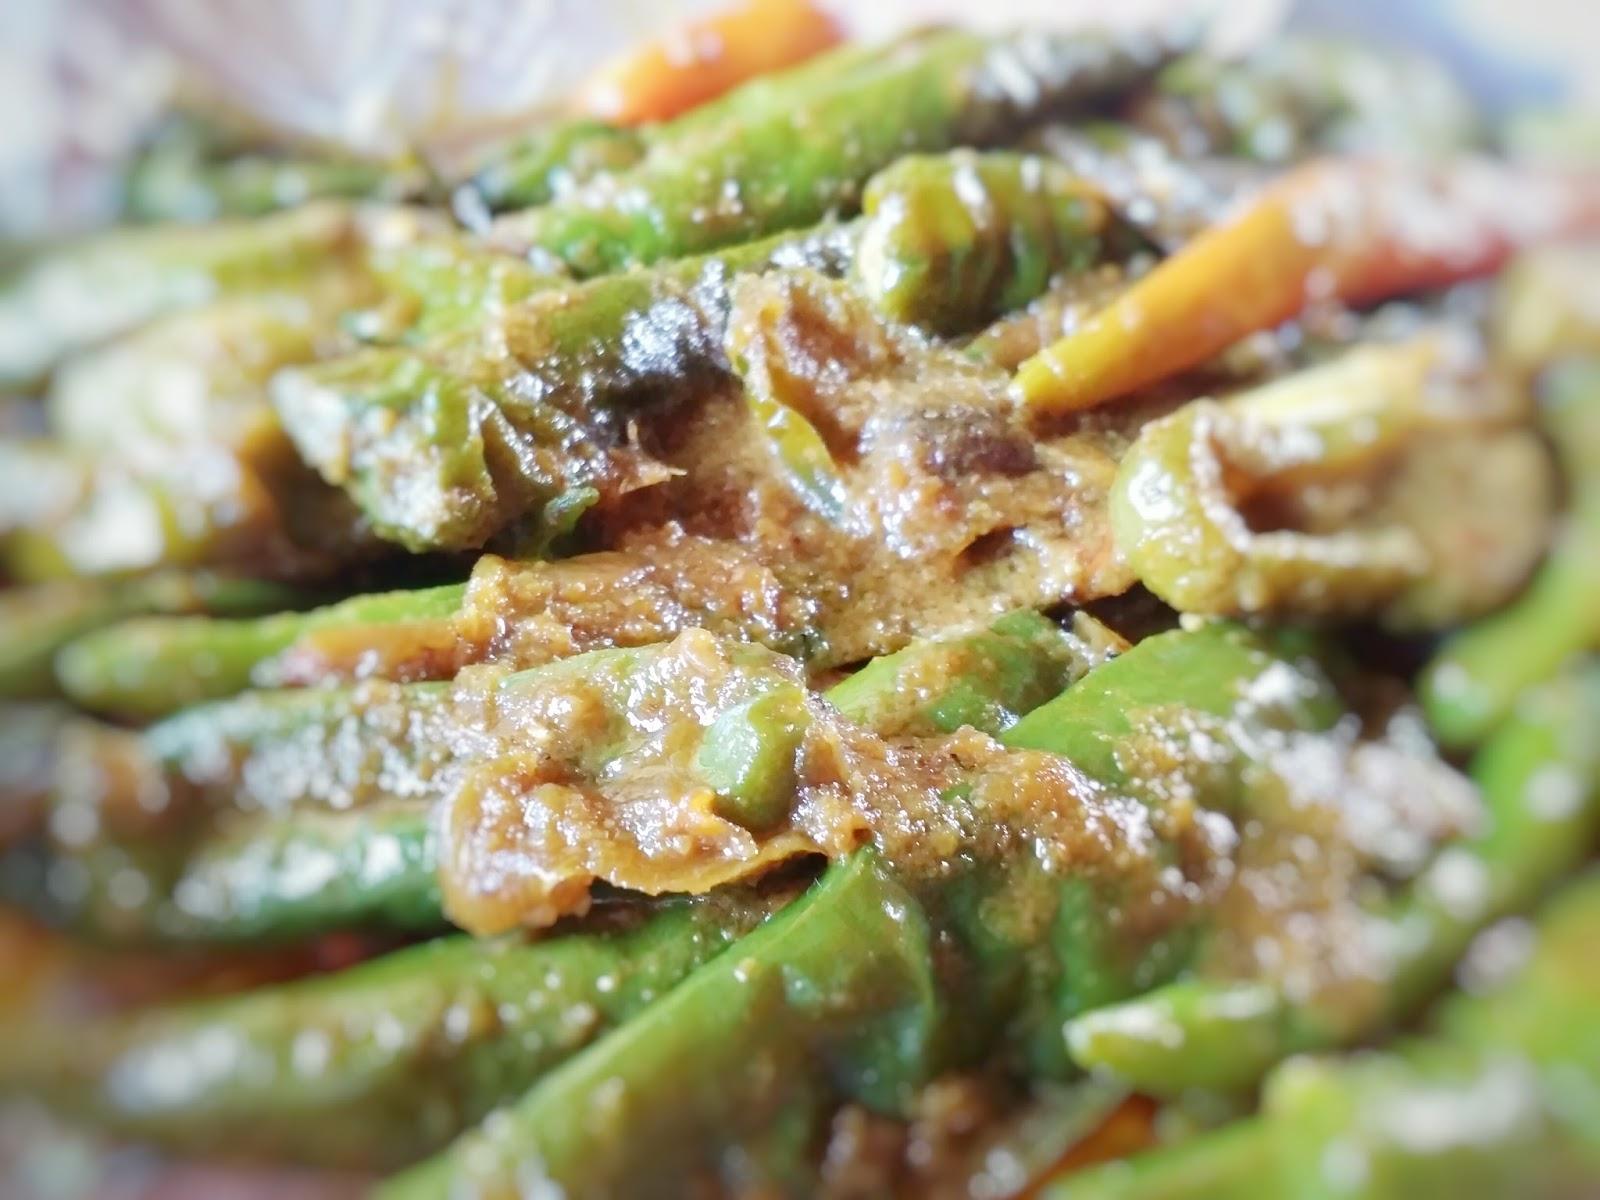 Resep Membuat Ase Cabe Hijau Segala Masakan Webid Minyak Ijo